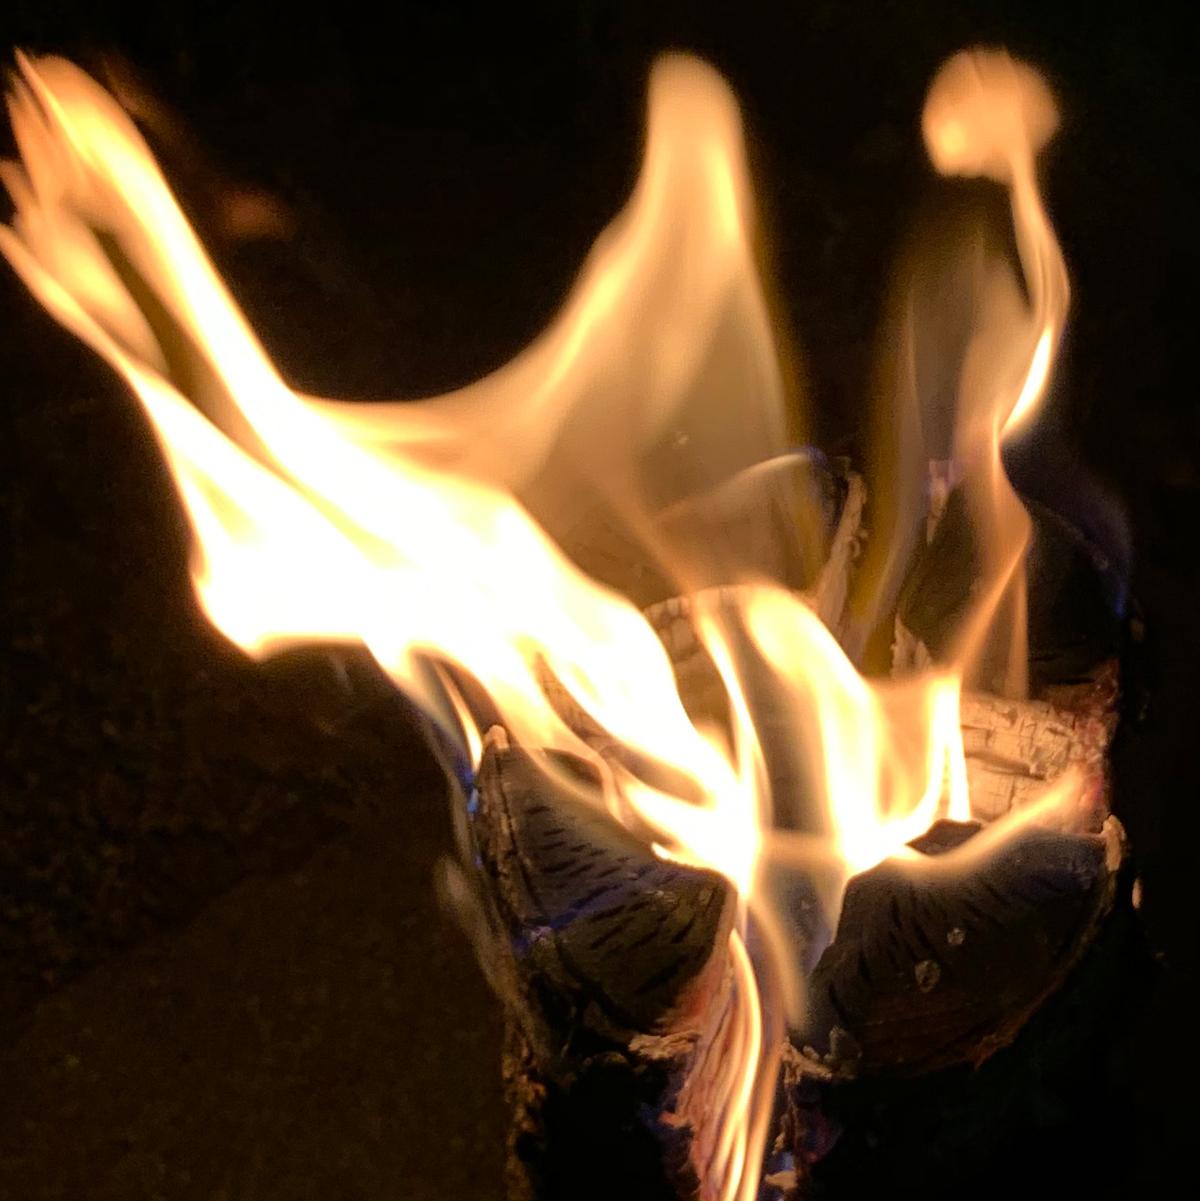 ぶっとい丸太が燃える高揚感は格別!初心者でも扱いやすい焚き火です。キャンドル一体型で一発着火、肉も焼ける「スウェディッシュトーチ」|Swedish Birch Candle(スウェディッシュ バーチ キャンドル)